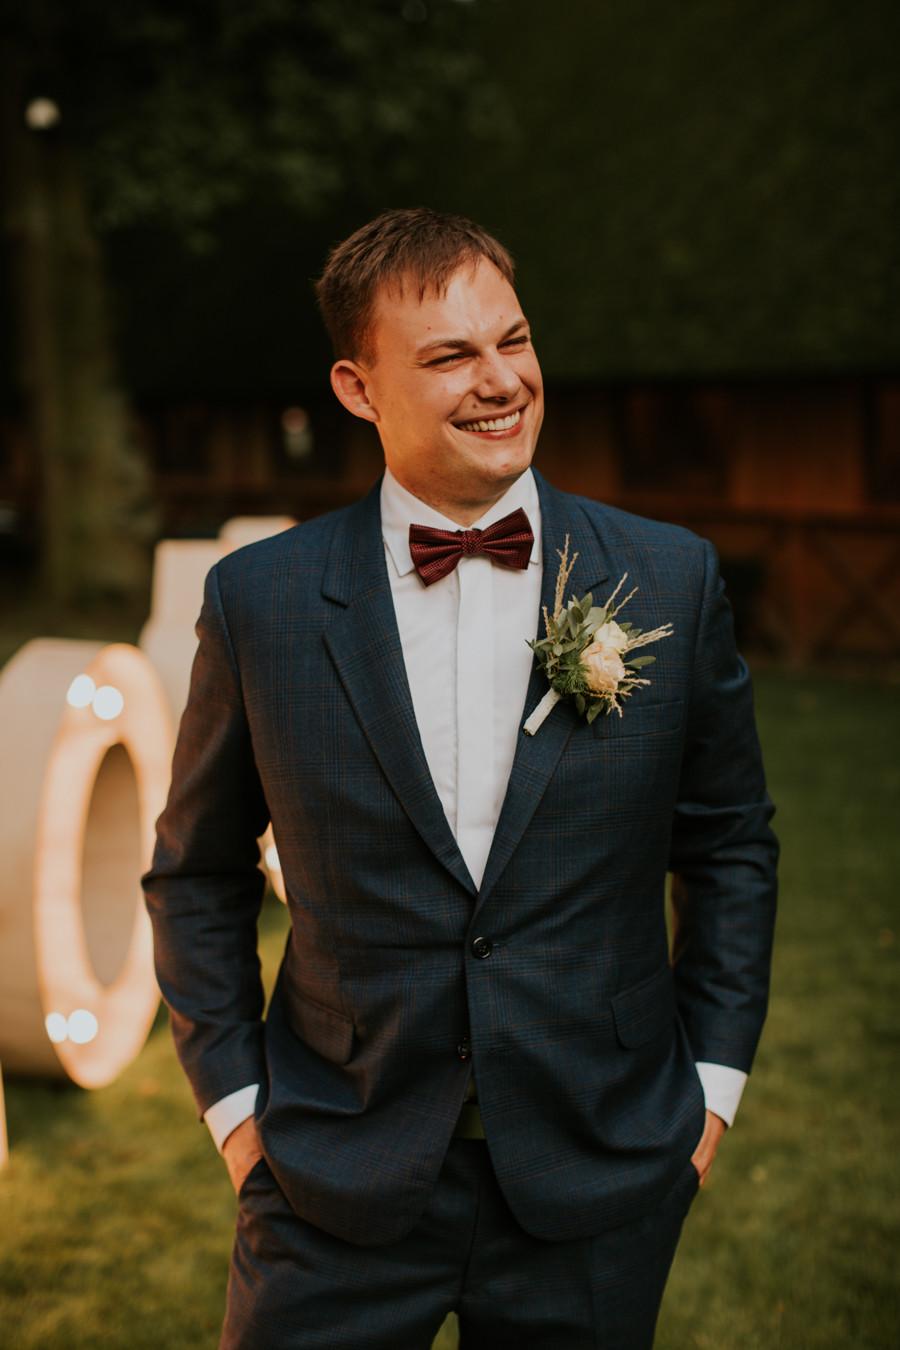 Dworek Jeziorki, reportaż ślubny w Dworku Jeziorki, Winiarnia Dworek Jeziorki, rustykalne wesele, wesele w stodole, boho ślub, boho wesele, fotograf ślubny Poznań, girlandy na ślubie, plener w dniu ślubu, pan młody